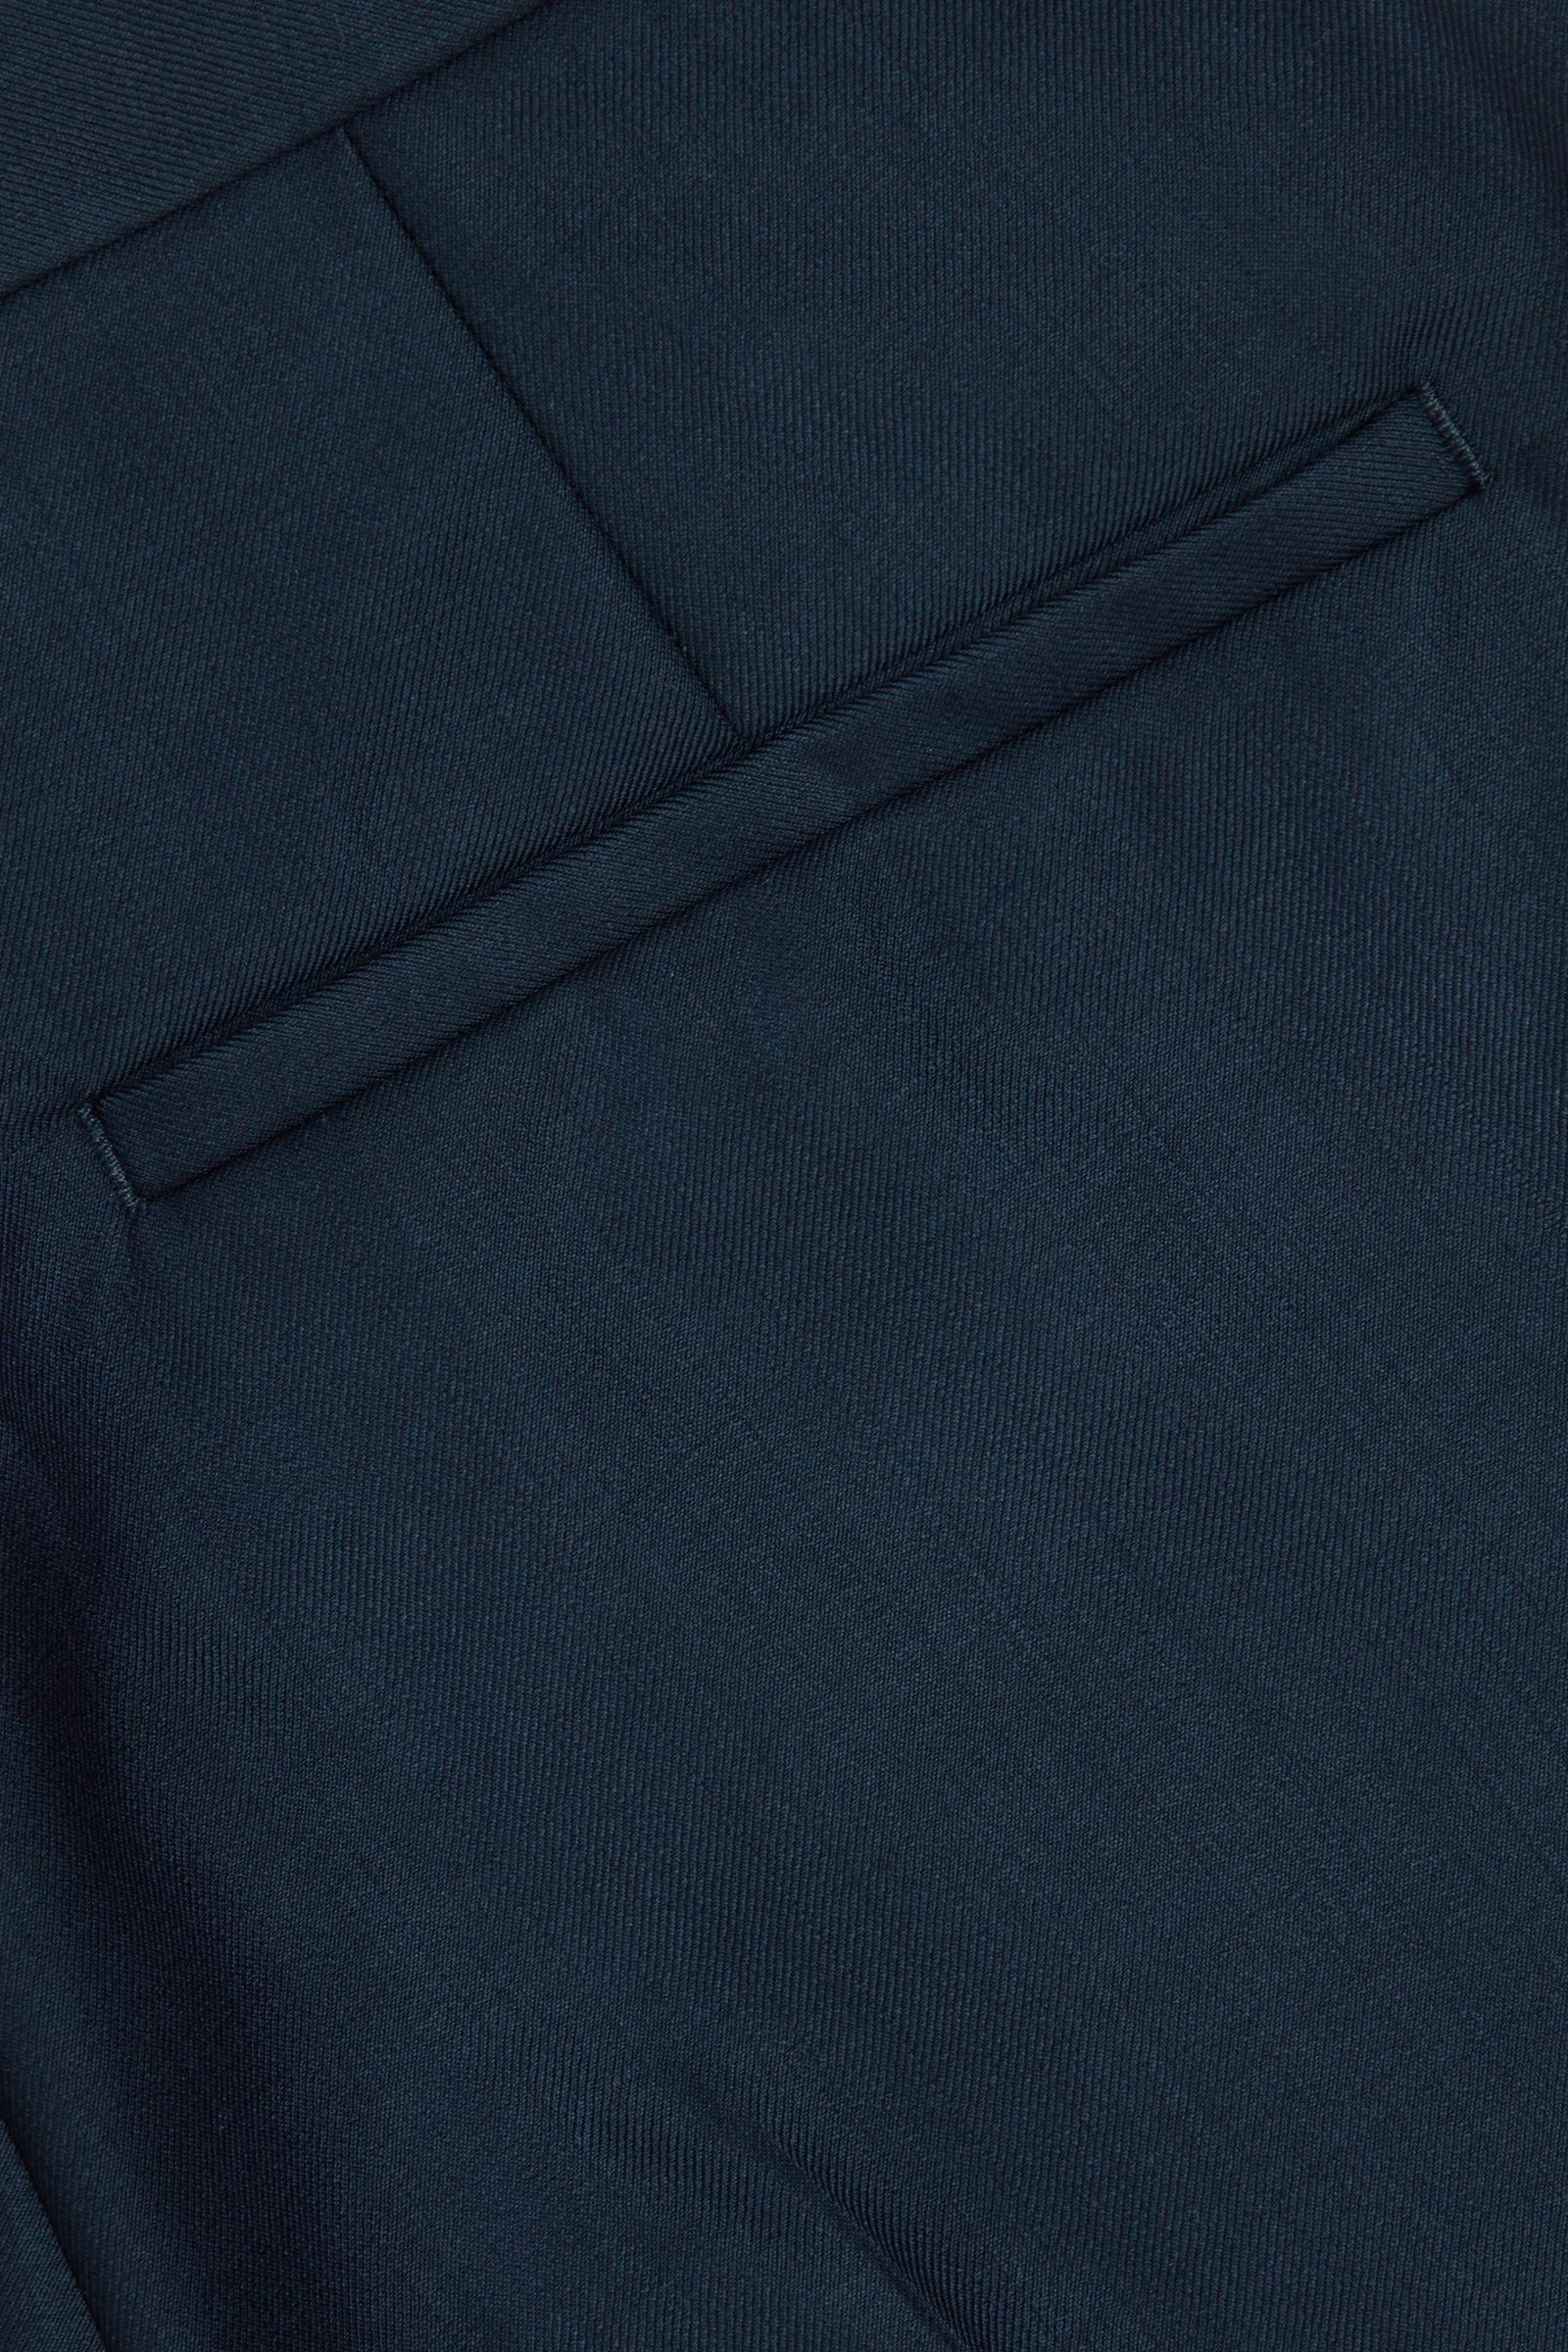 COS 슬림핏 울 트라우저의 네이비컬러 Detail입니다.